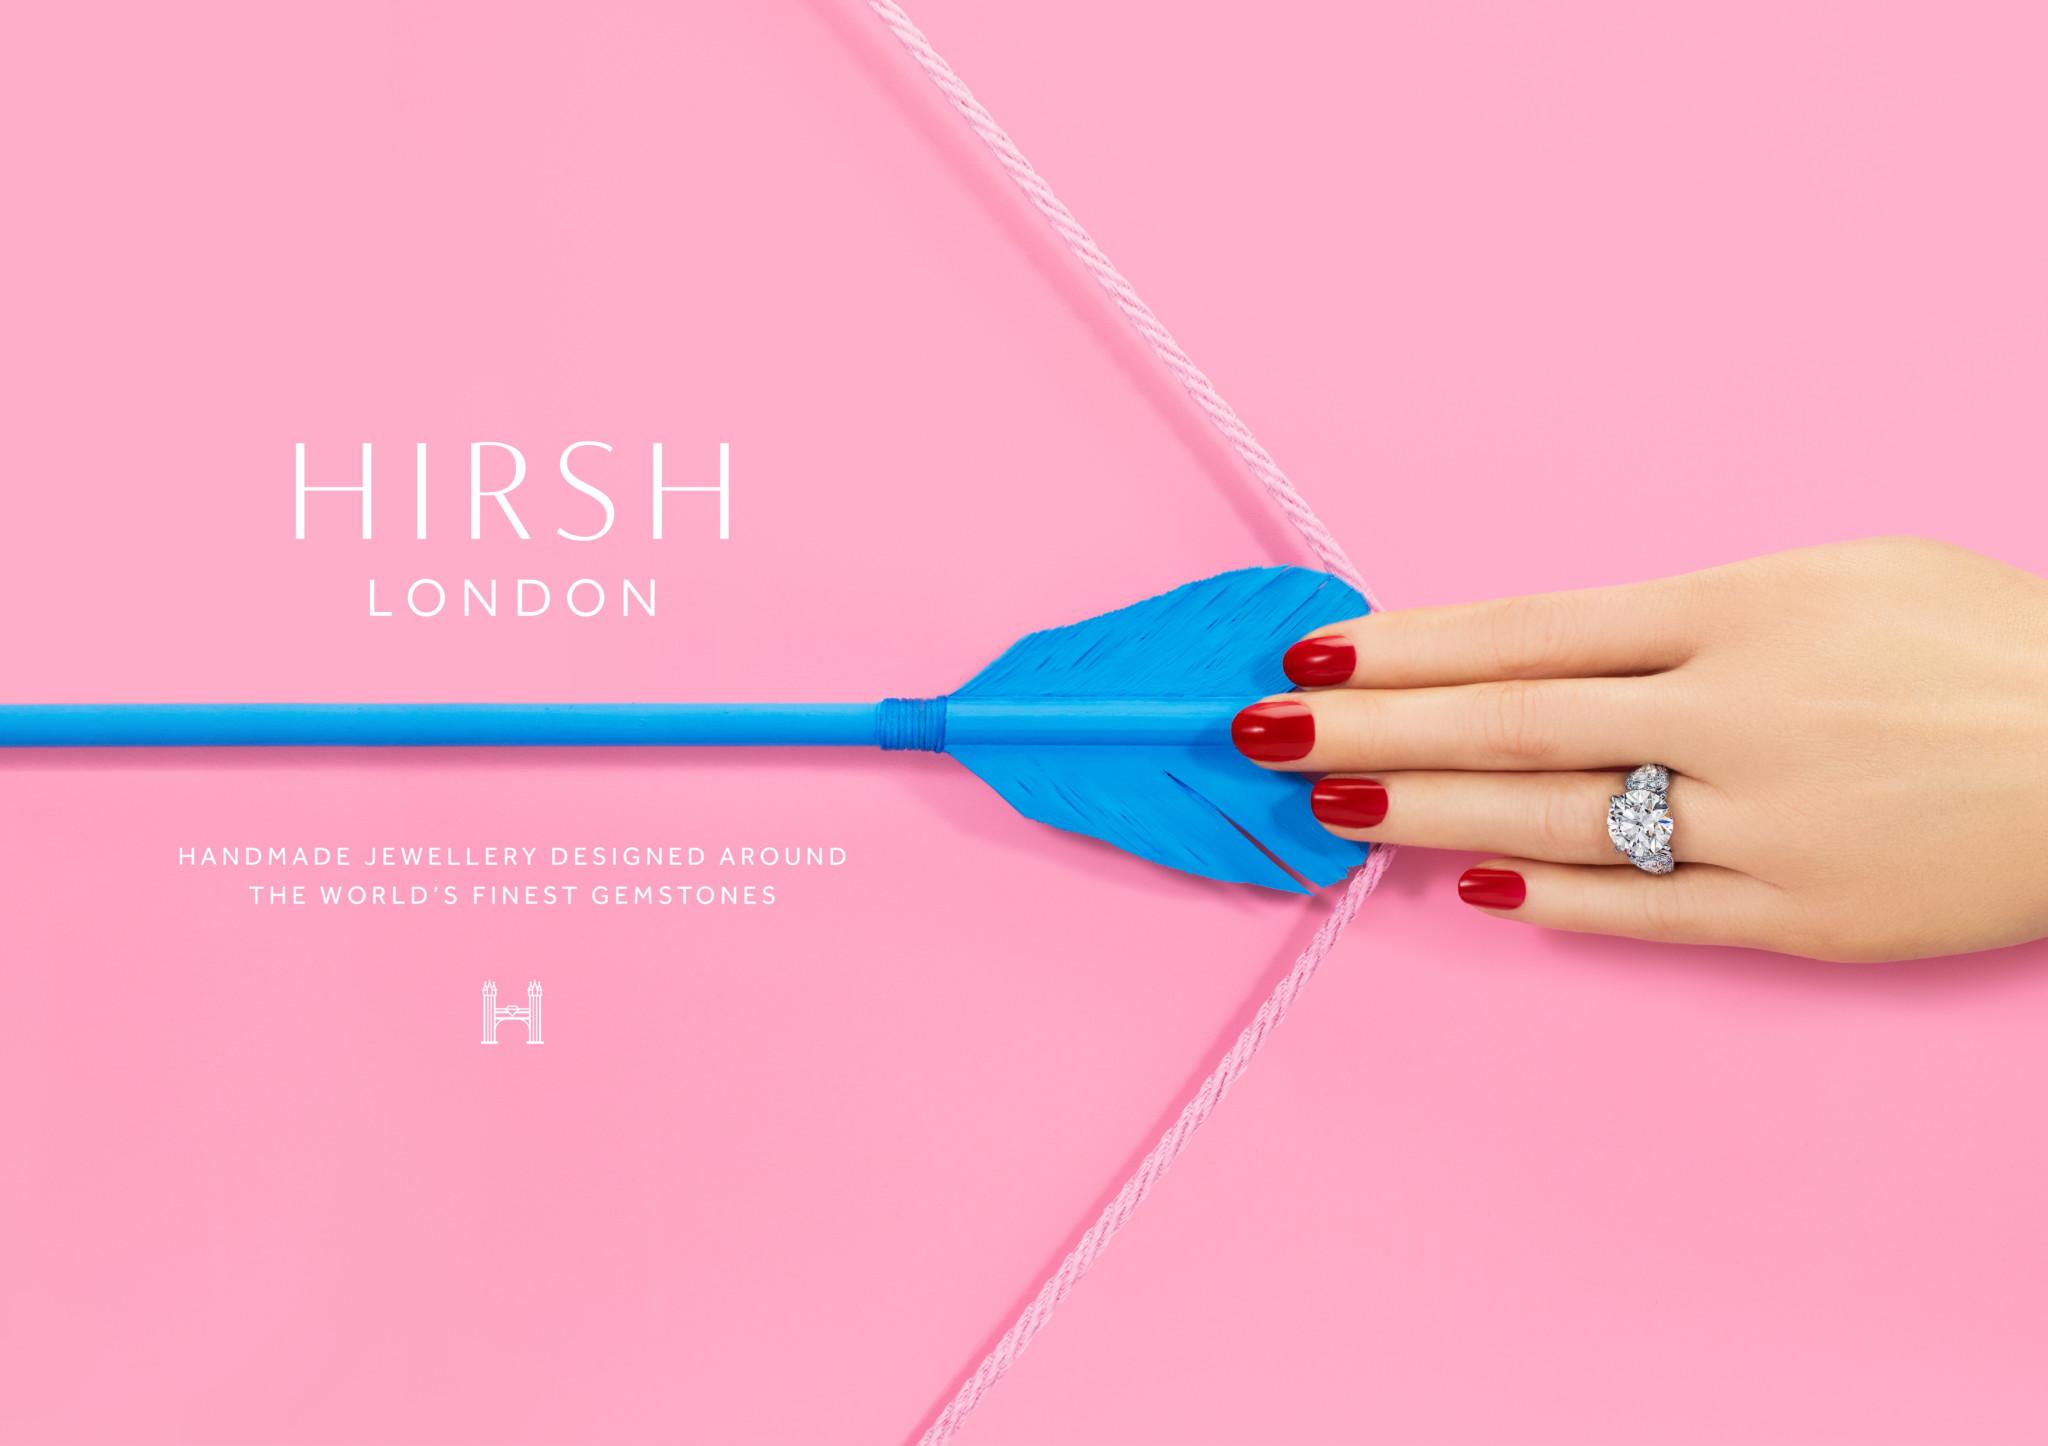 HIRSH_V1_300DPI_RGB_25 image